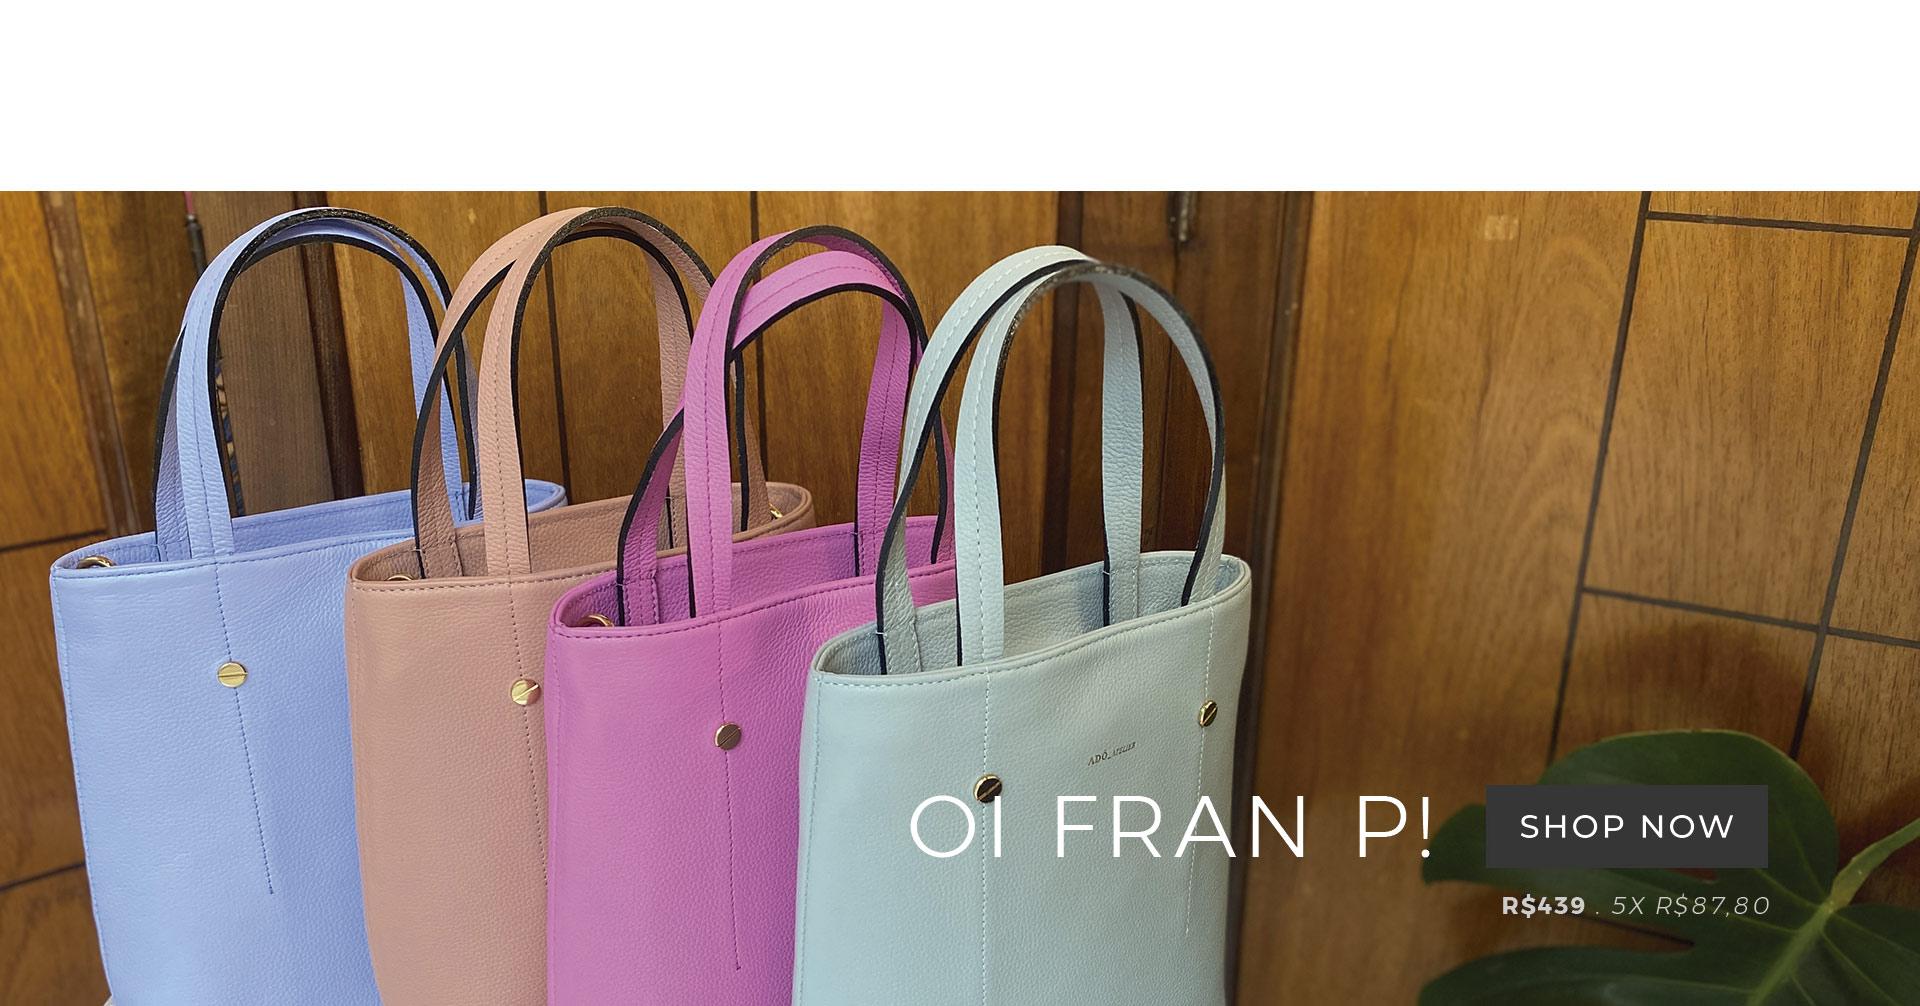 FRAN P